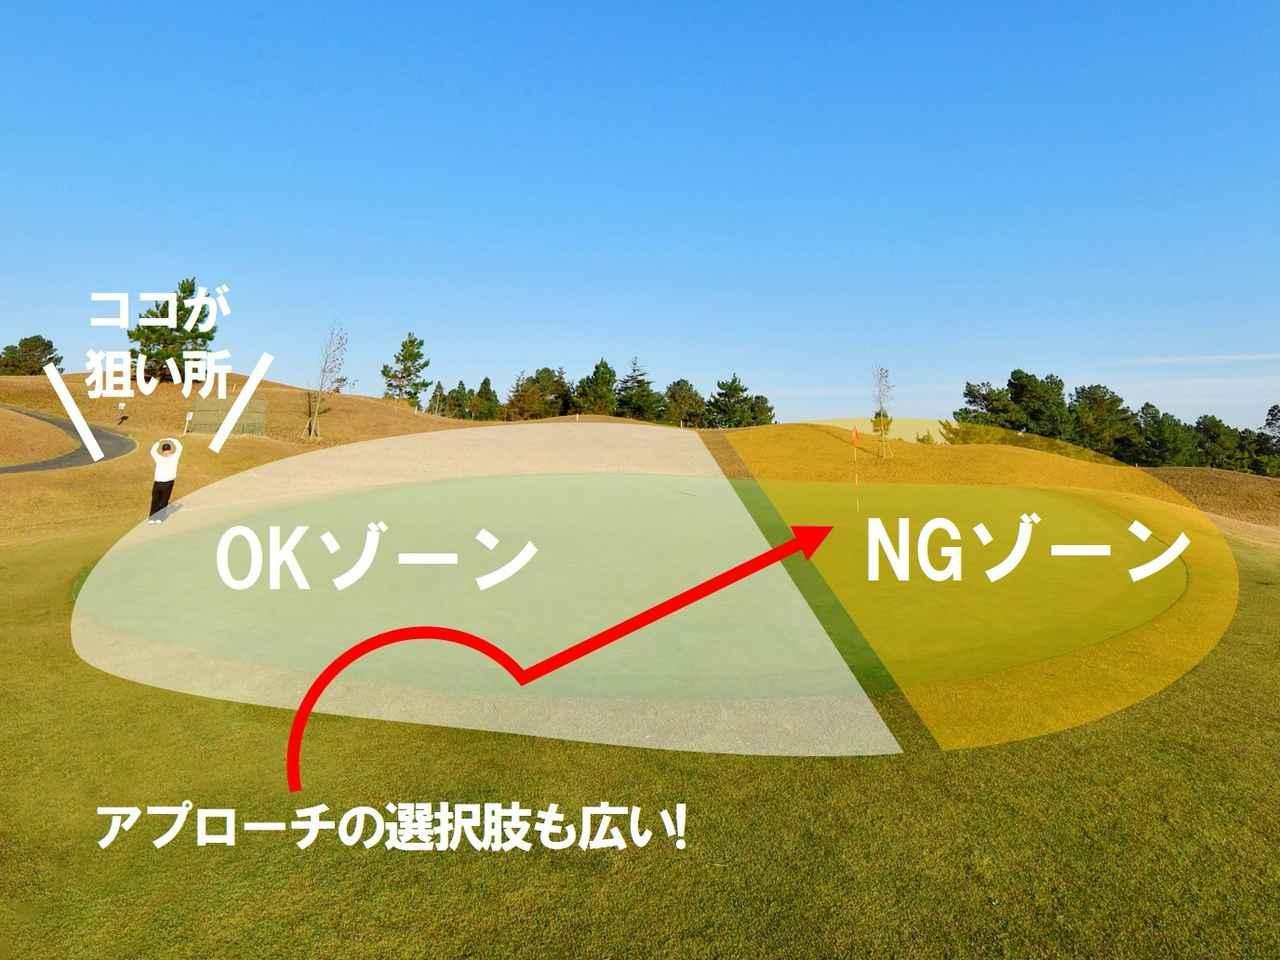 画像: NGゾーンを狙って外すと、ピンまでの距離が短く、難しいアプローチが必要になるなどリスクが大きい。OKゾーンを狙って「乗ったらいいな」の気持ちで打てれば、力みが取れてリズムもよくなりナイスショットが出やすくなる